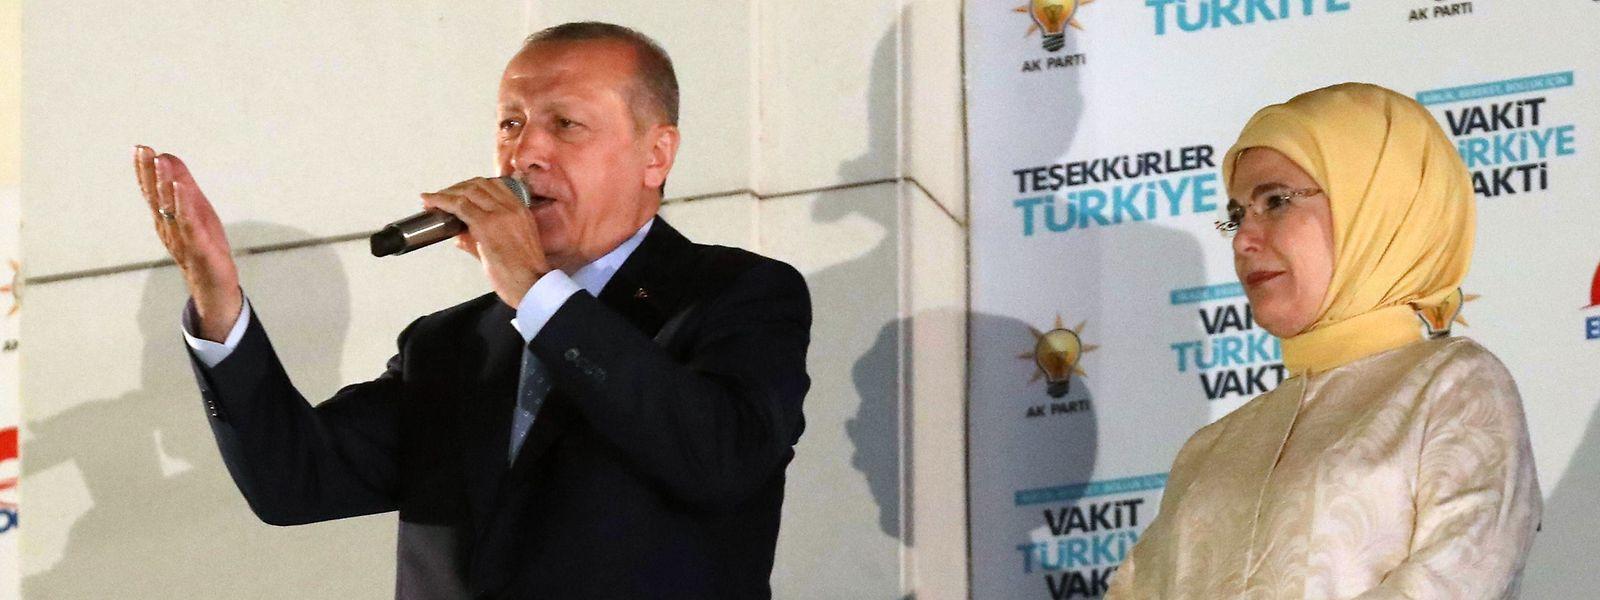 Erdogan richtete sich am Sonntagabend vor der AKP-Zentrale in Ankara an seine Anhänger. Neben ihm erkennt man seine Frau Emine.